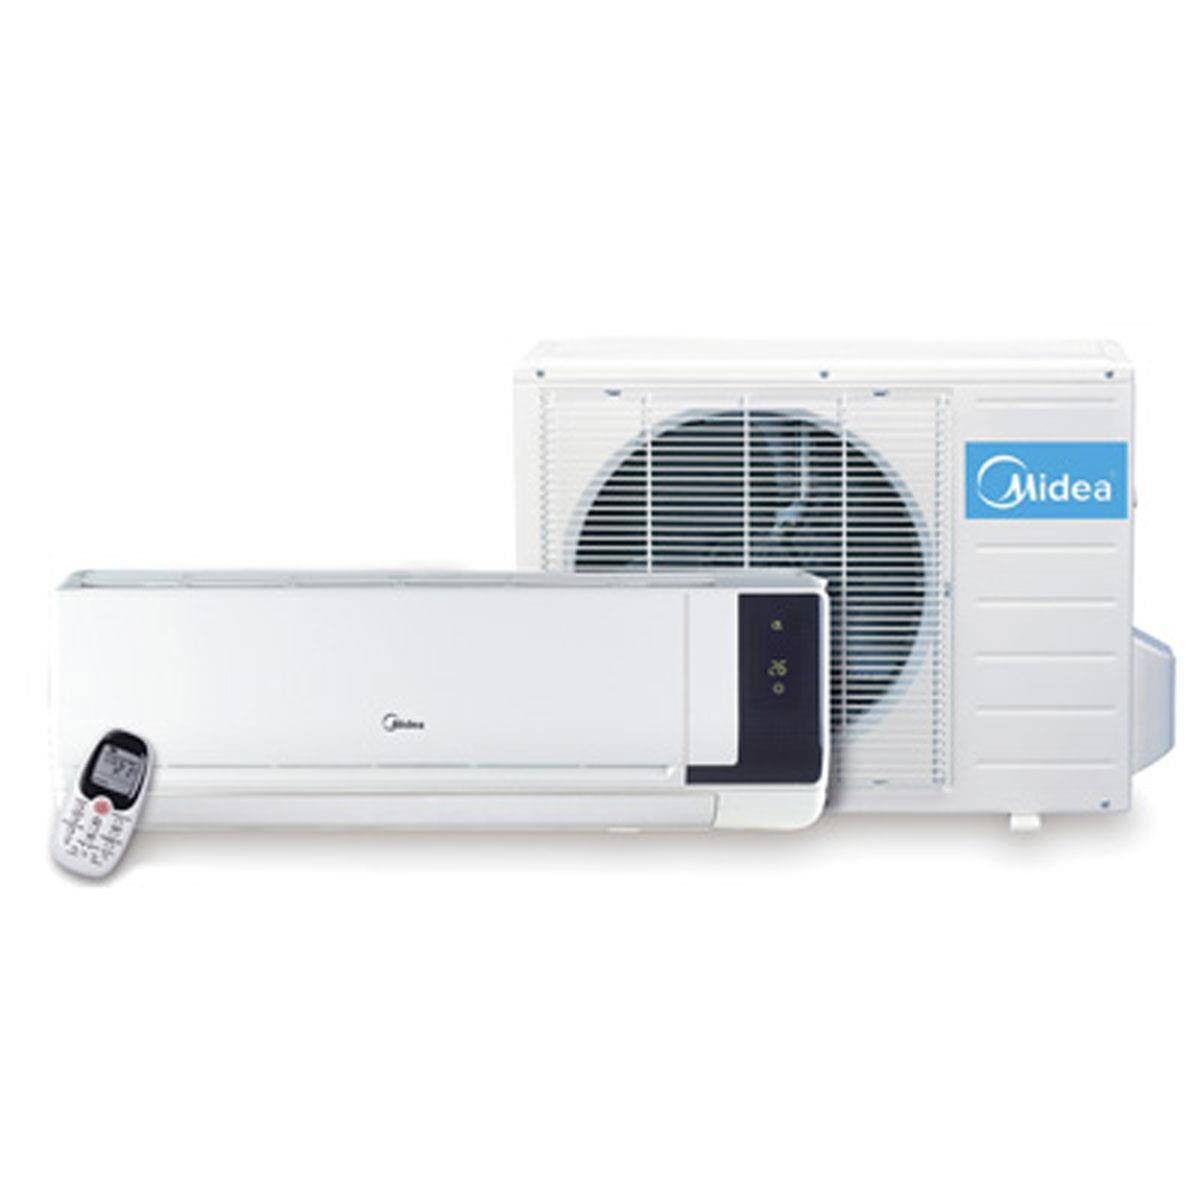 cách vệ sinh máy lạnh điều hòa midea